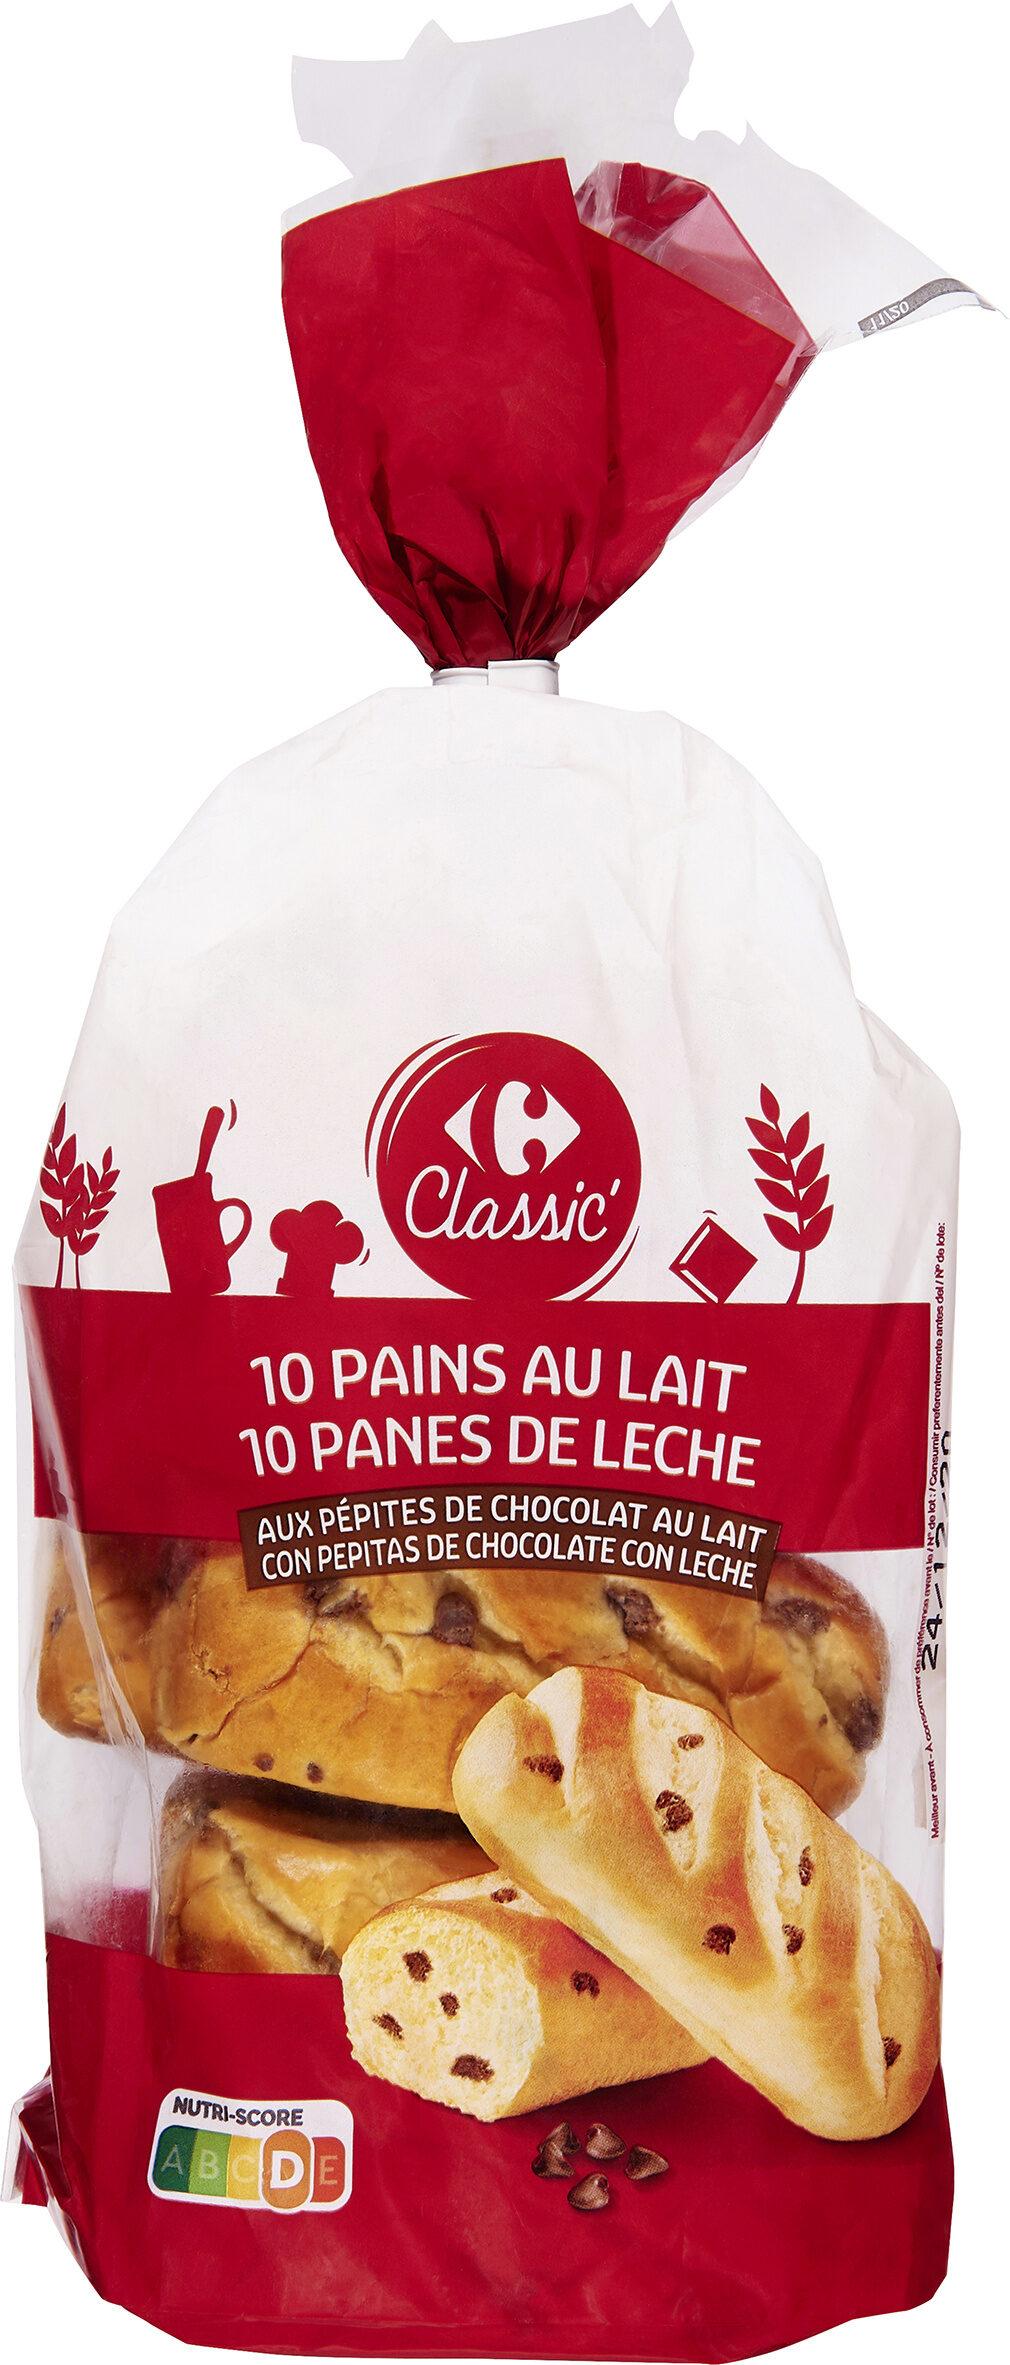 Pain au lait aux pépites de chocolat - Prodotto - fr